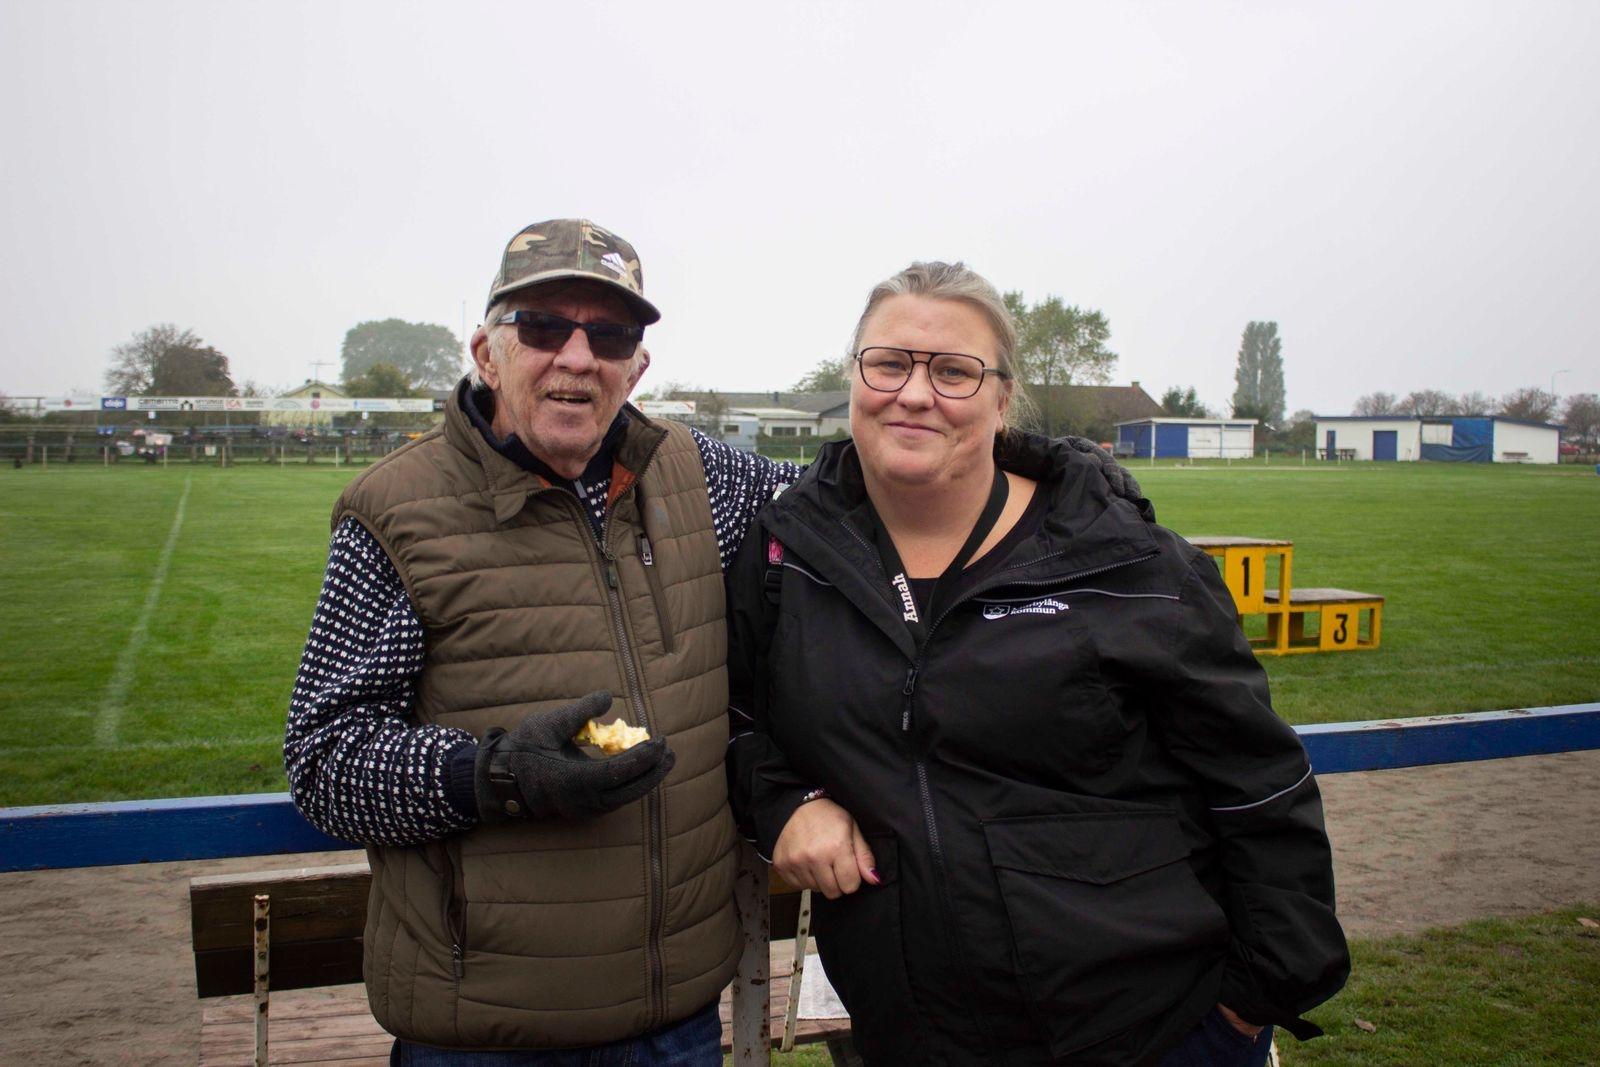 Träslöjdsläraren Tjalle Norlander har varit med ett tag. Han har varit lärare till Annah Stärlinge som nu själv är lärare på skolan.